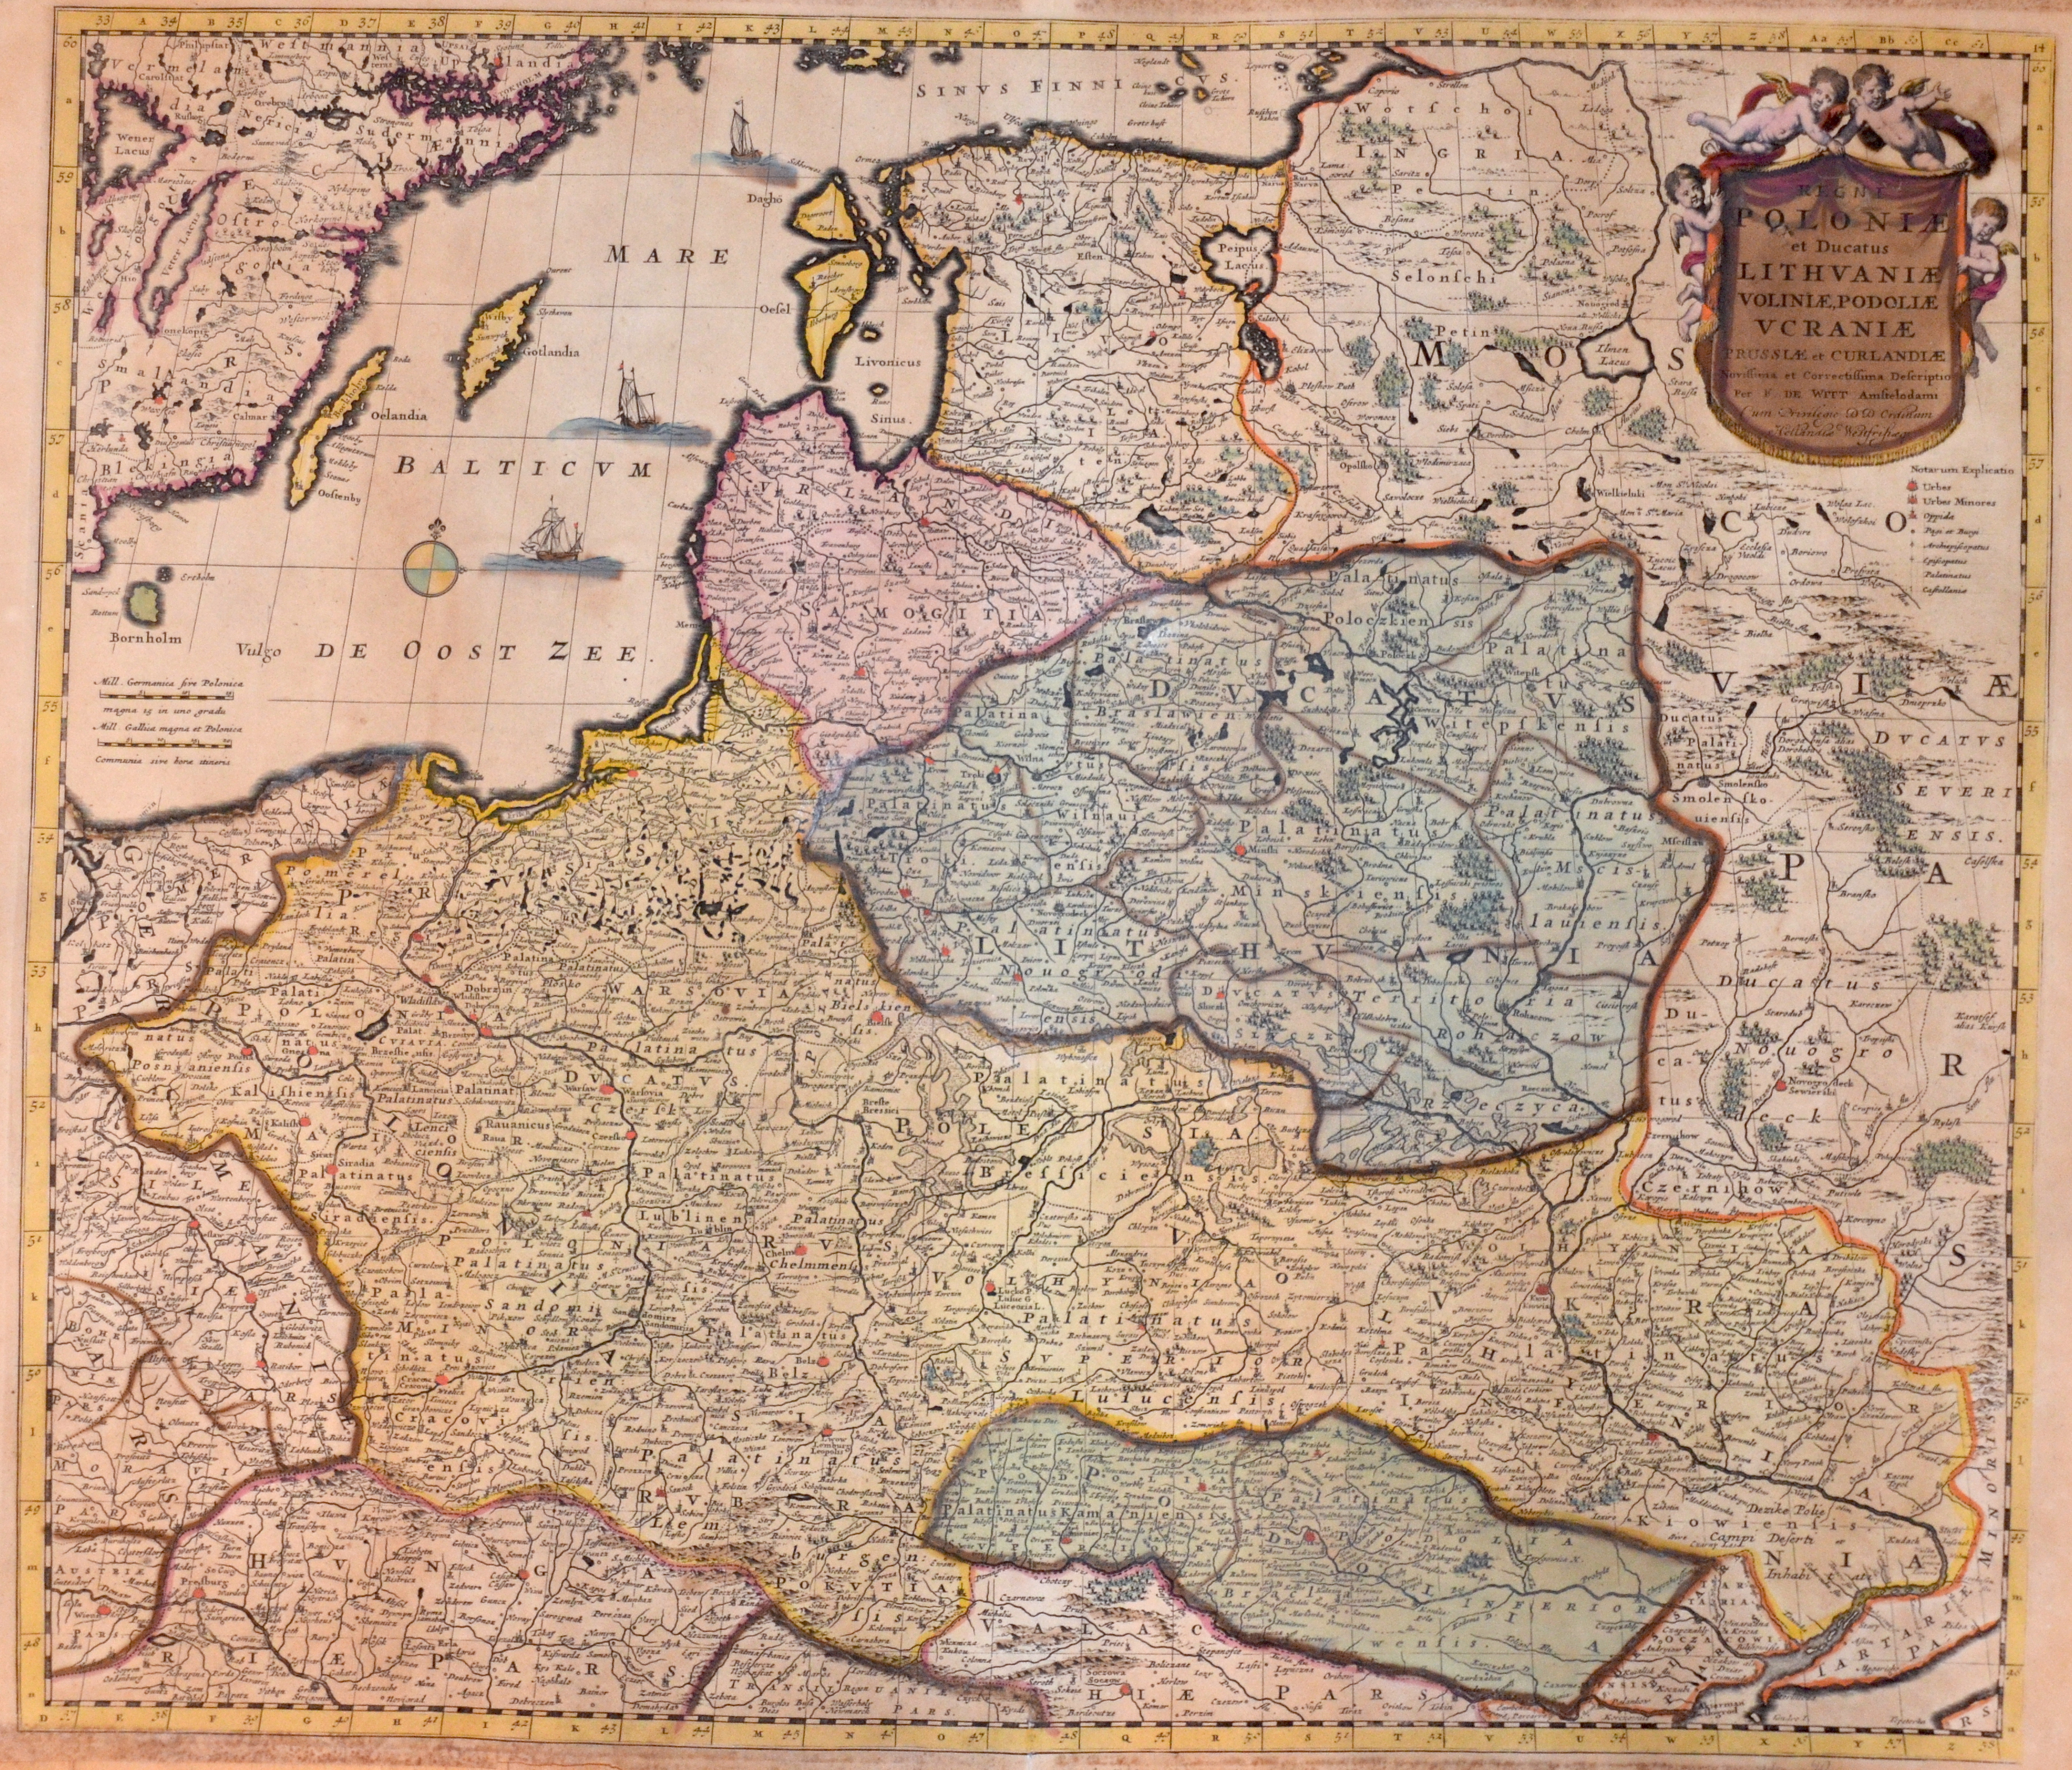 Wit, de  Regni Poloniae et Ducatus Lithuaniae Voliniae, Podoliae Ucraniae Prussiae et Curlandiae